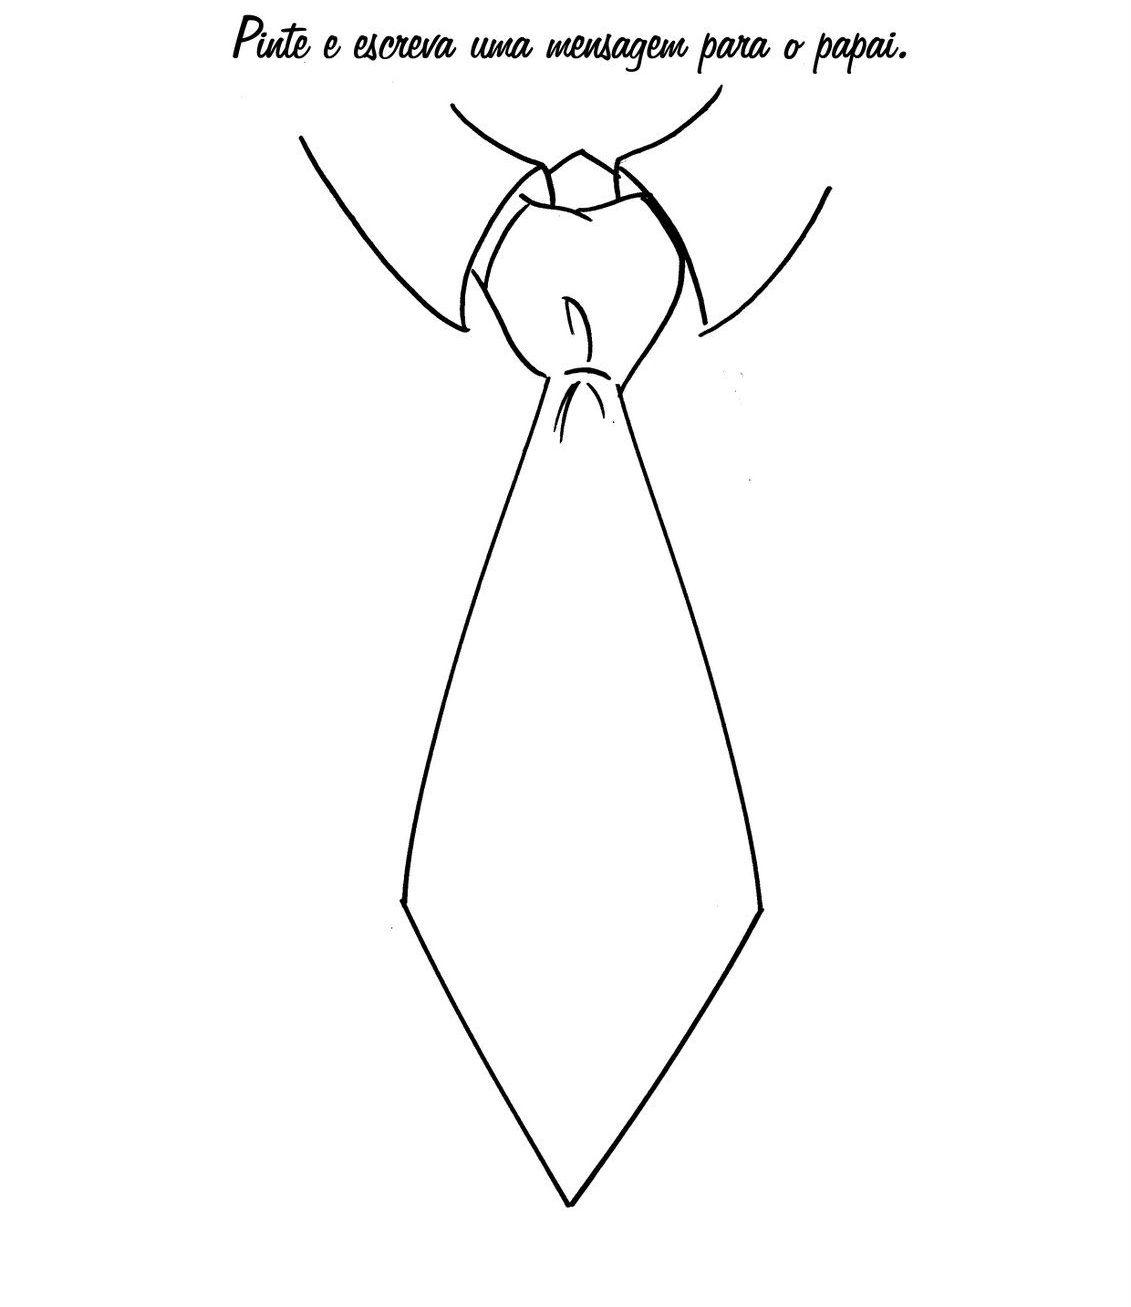 Que Tal Desenhar Uma Gravata Para O Dia Dos Pais | Dia dos pais atividades,  Dia dos pais, Cartão dia dos pais